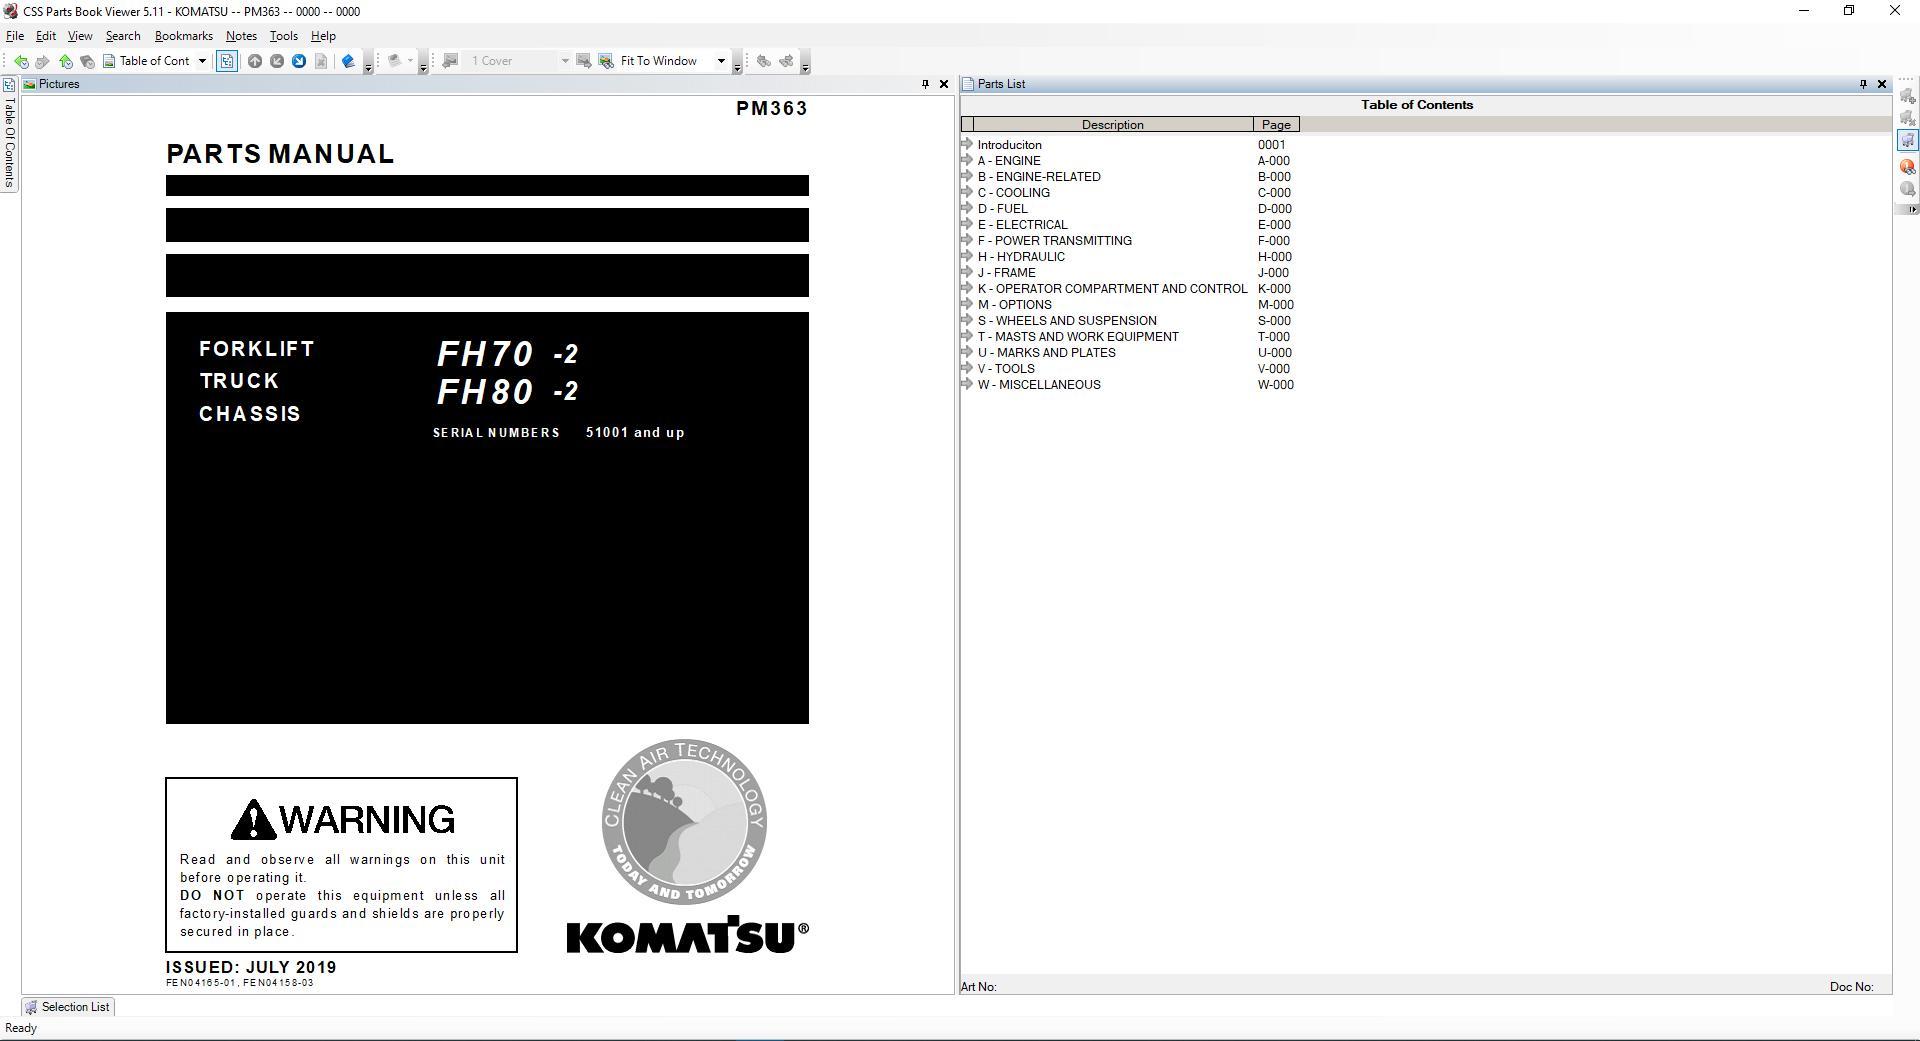 Komatsu_Forklift_USA_CSS_Part_EPC_1020196